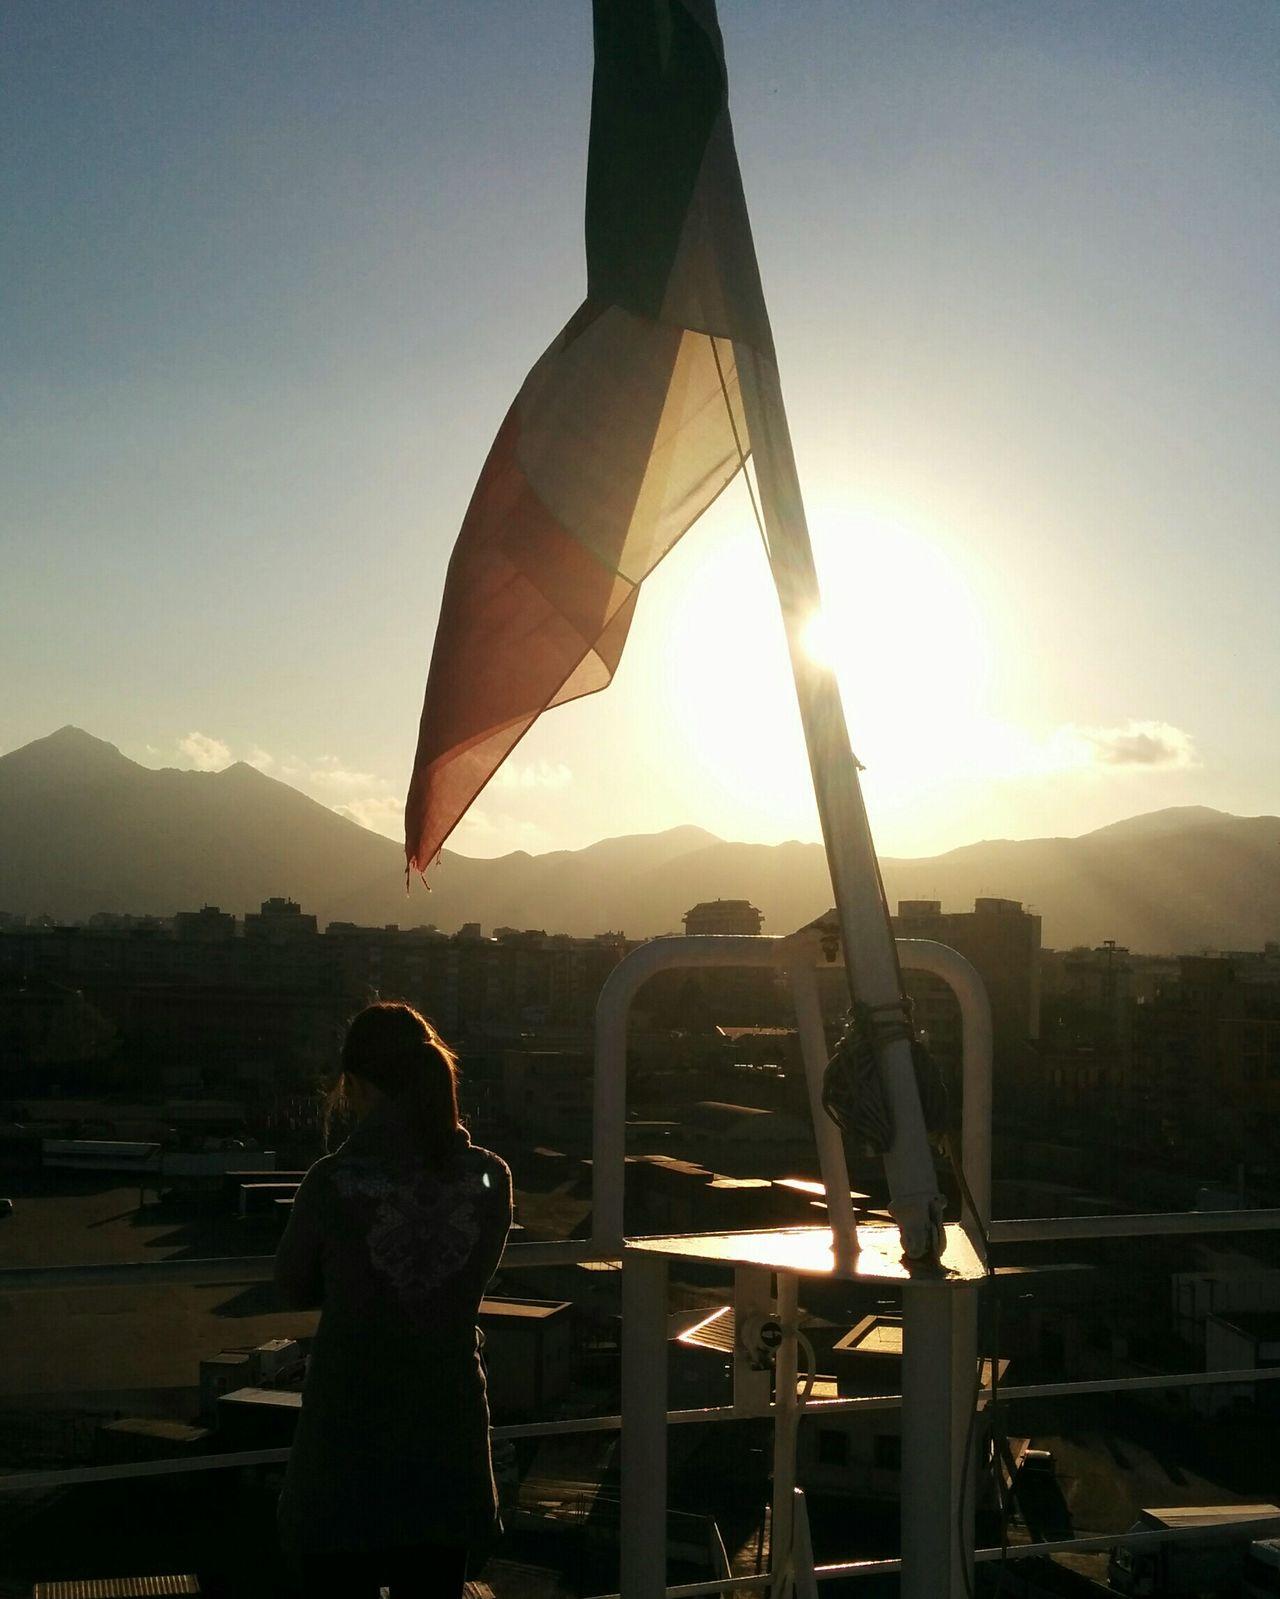 Il sud al tramonto RePicture Travel Sunshine Travelling Carpe Diem Backlight In The Sun Ship